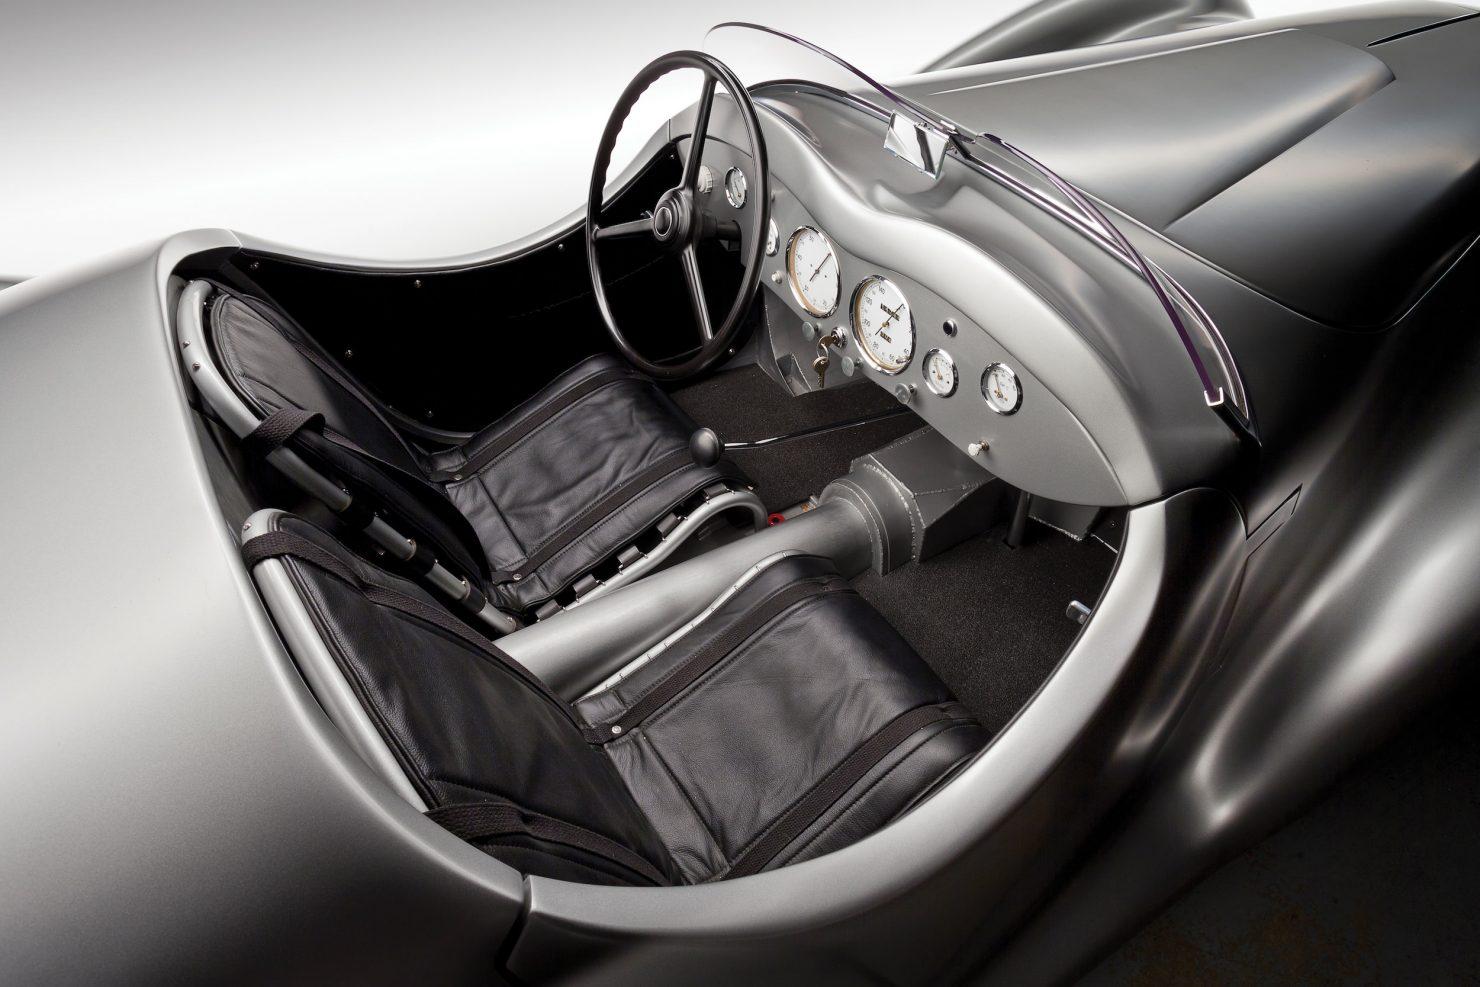 BMW 328 2 1480x987 - 1940 BMW 328 Roadster